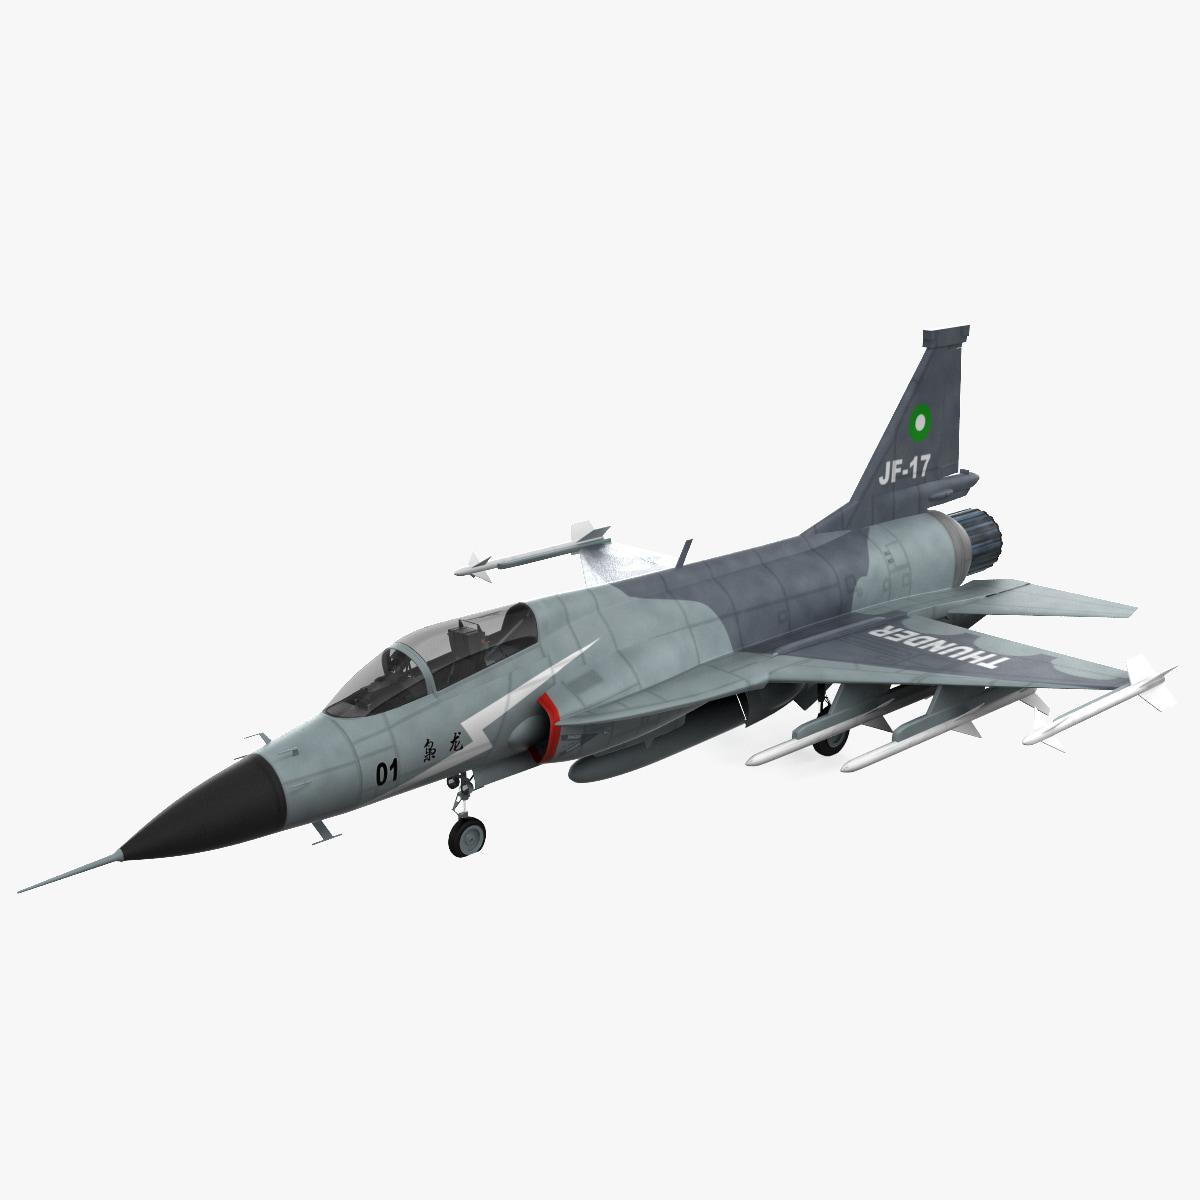 JF_17_Thunder_Fighter_00.jpg